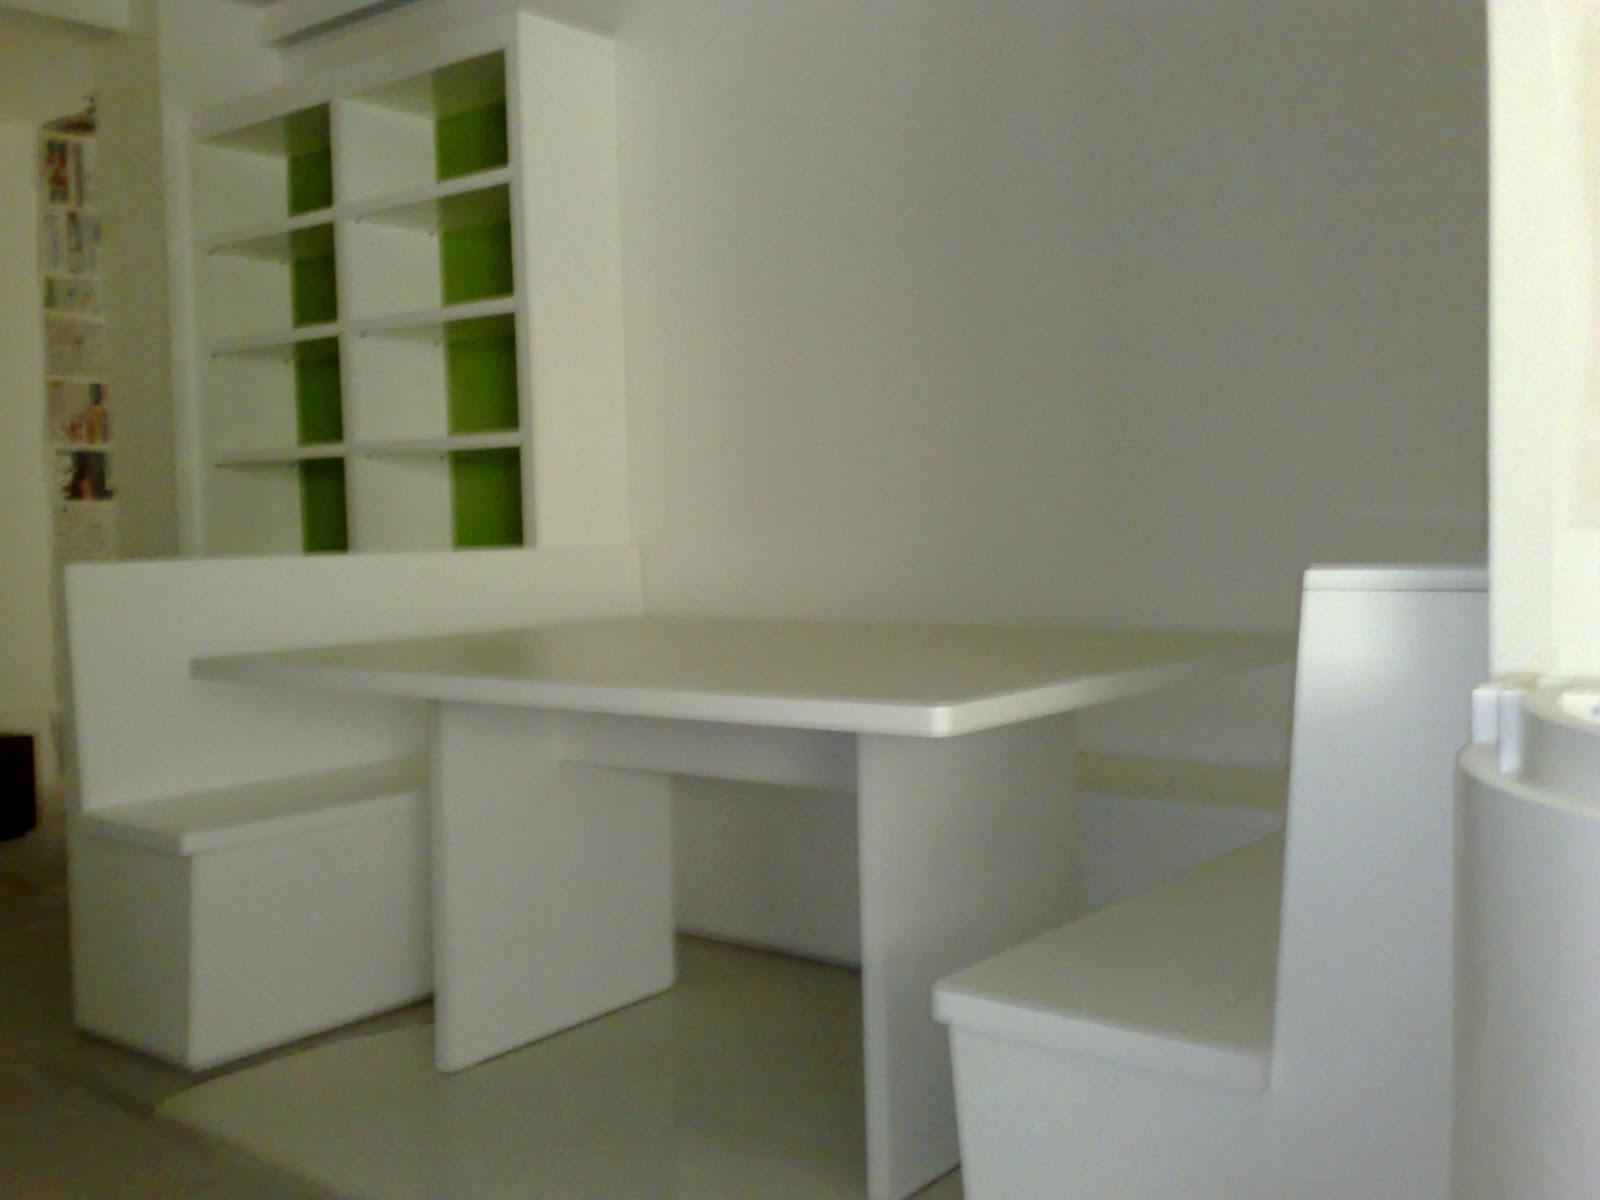 amoblamientos cj mesa de cocina con bancos y alacena